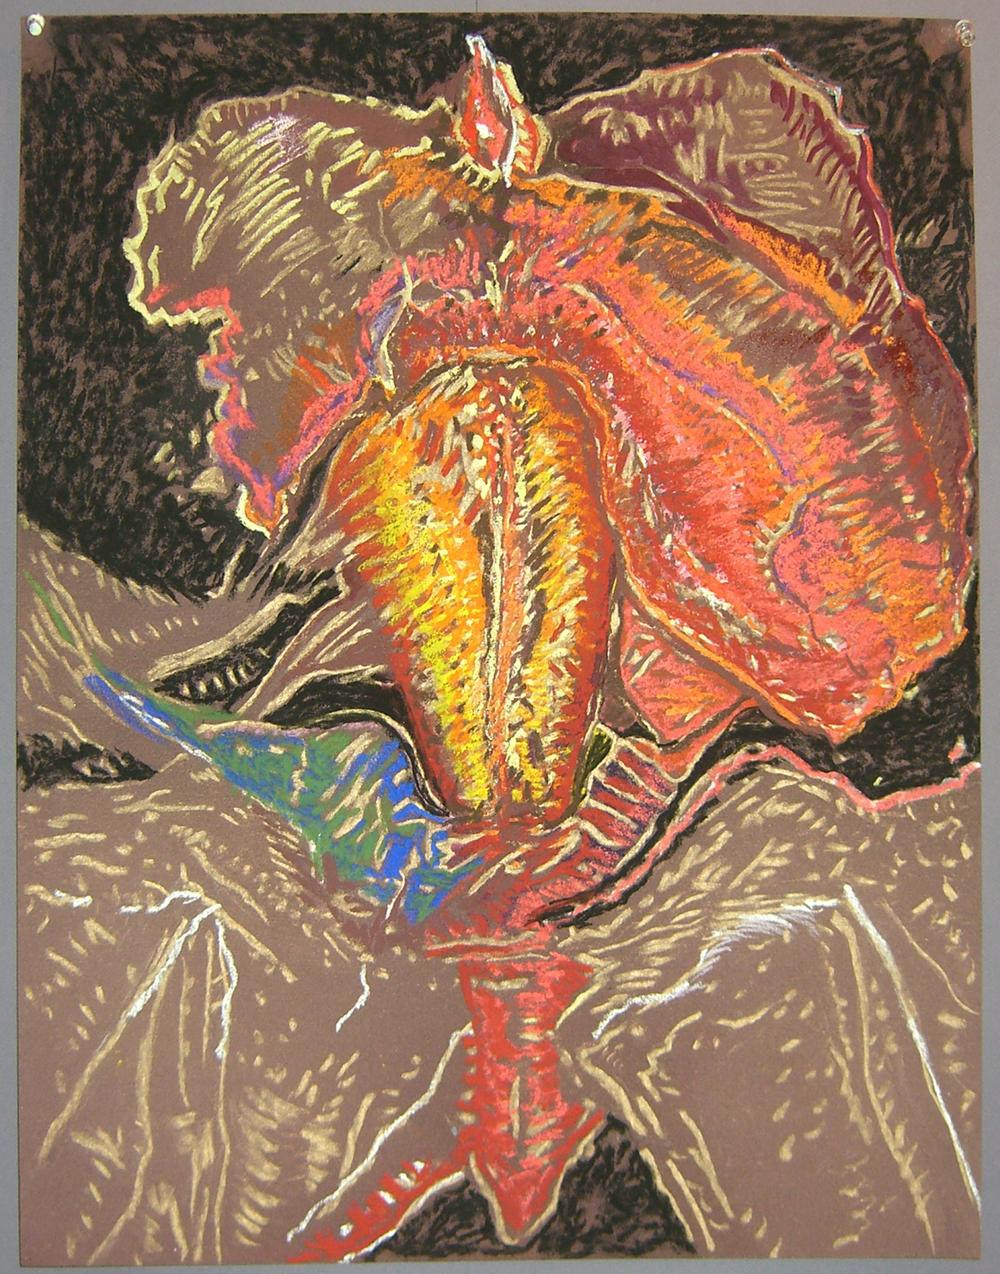 Mimi.Gross.anatomy.036.jpg